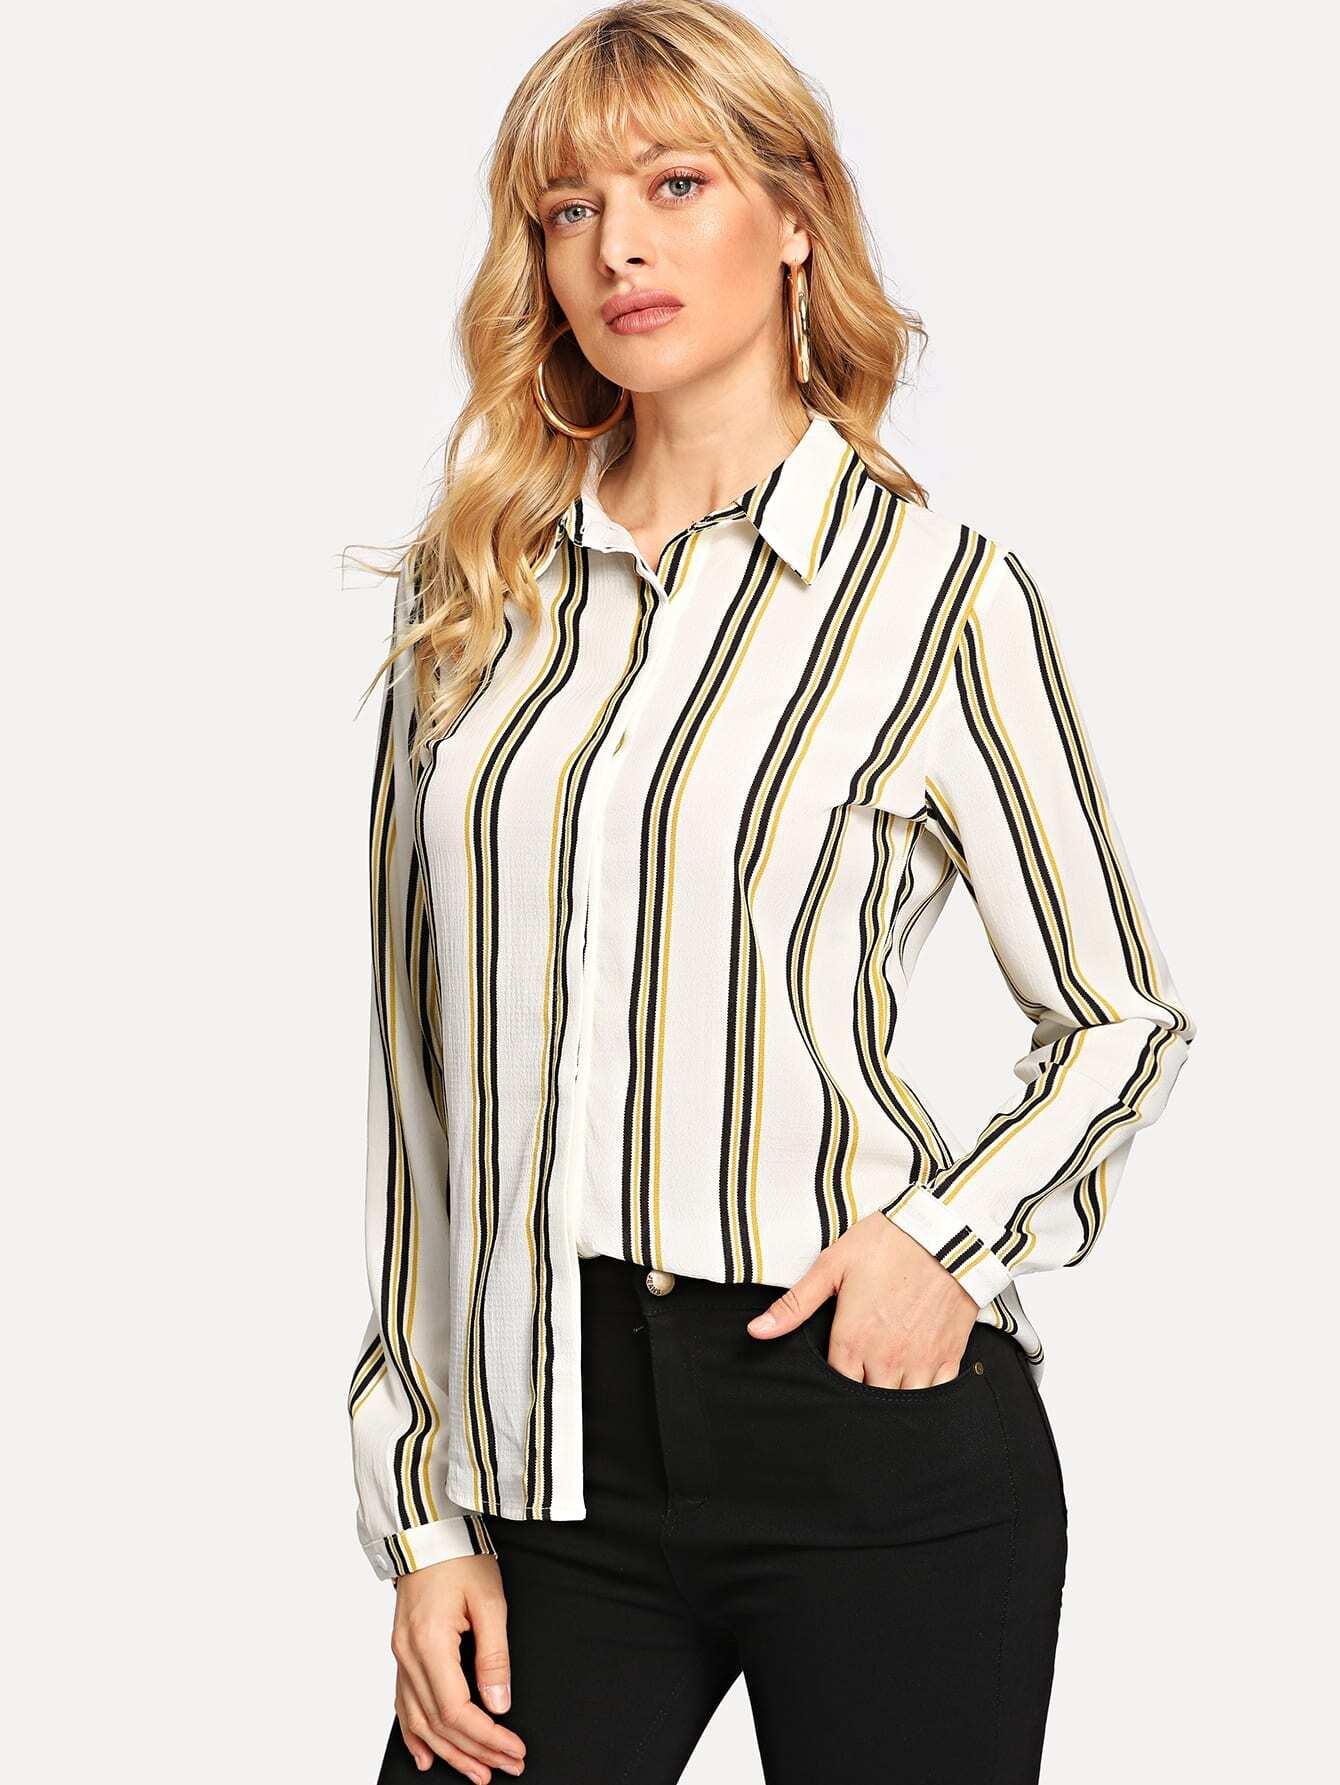 Купить Полосатая рубашка с пуговицами, Masha, SheIn